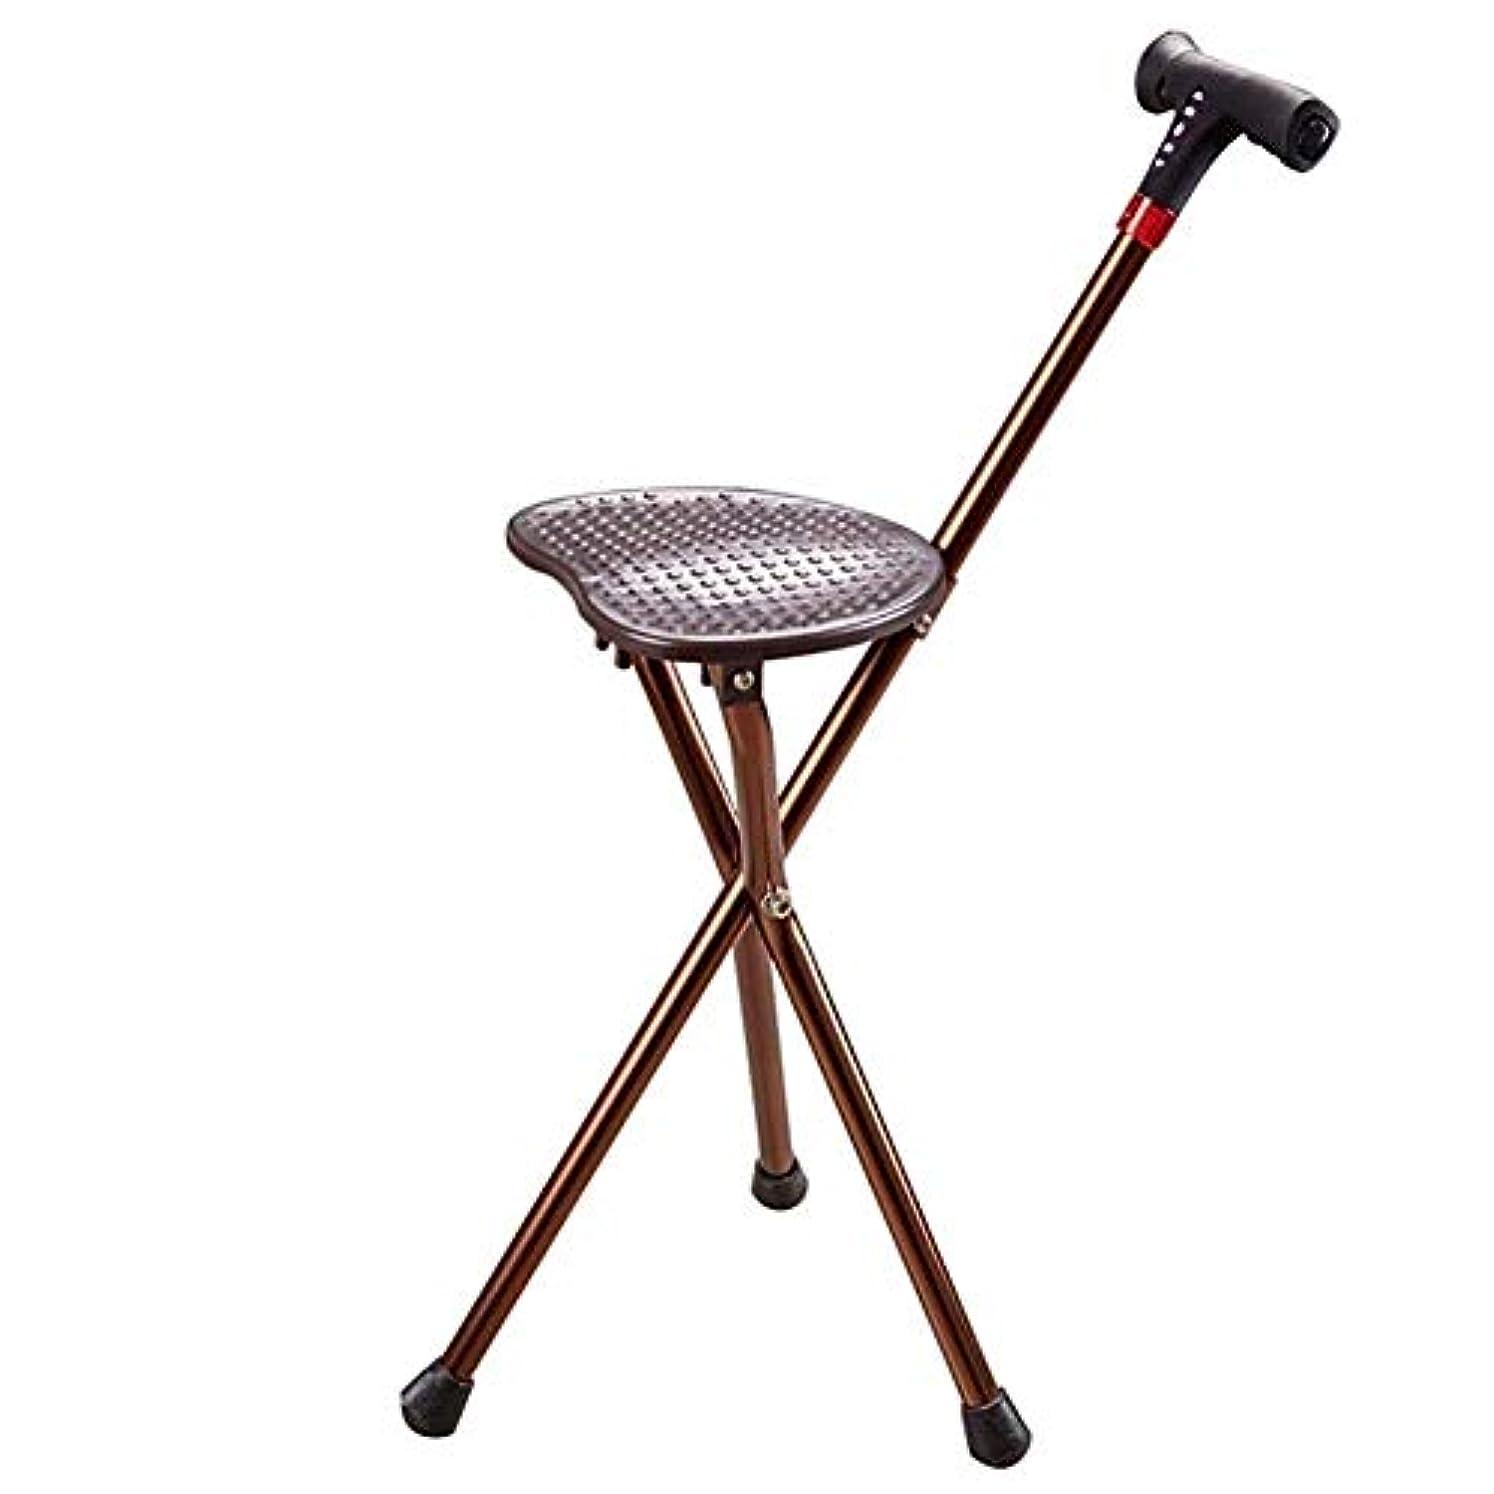 飢スチュアート島事実軽量で調節可能な高さの杖席、MP3プレイ用の多機能松葉杖、高デシベルアラームなど。